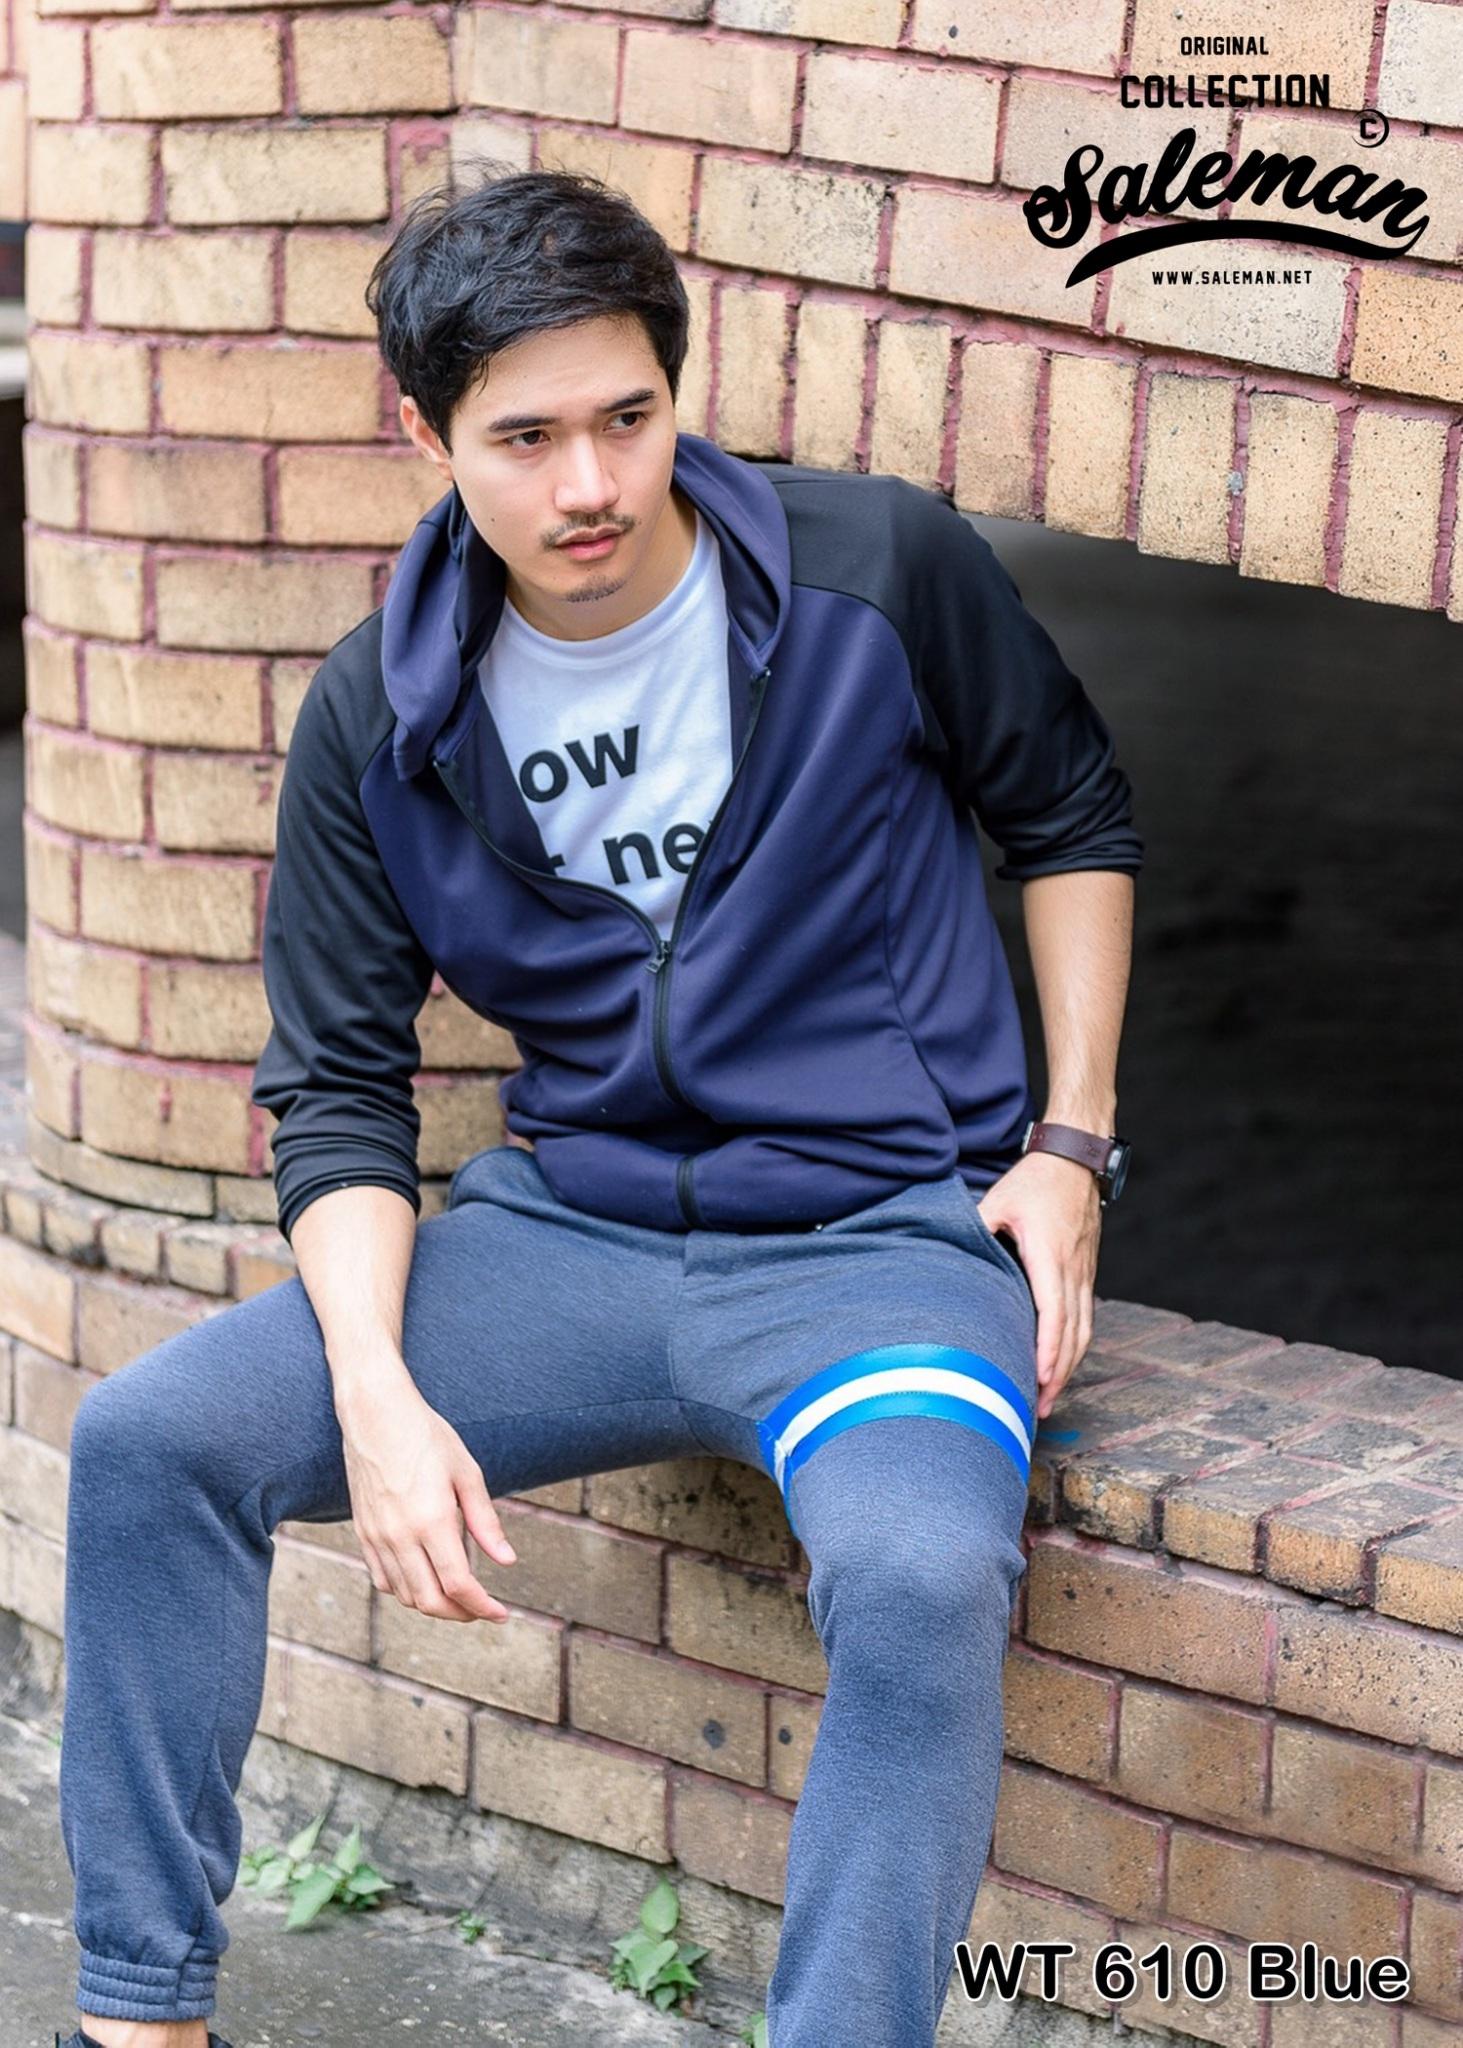 กางเกง JOGGER พรีเมี่ยม ผ้าวอร์ม รหัส WT 610 Blue สีเทาเข้ม แถบฟ้า